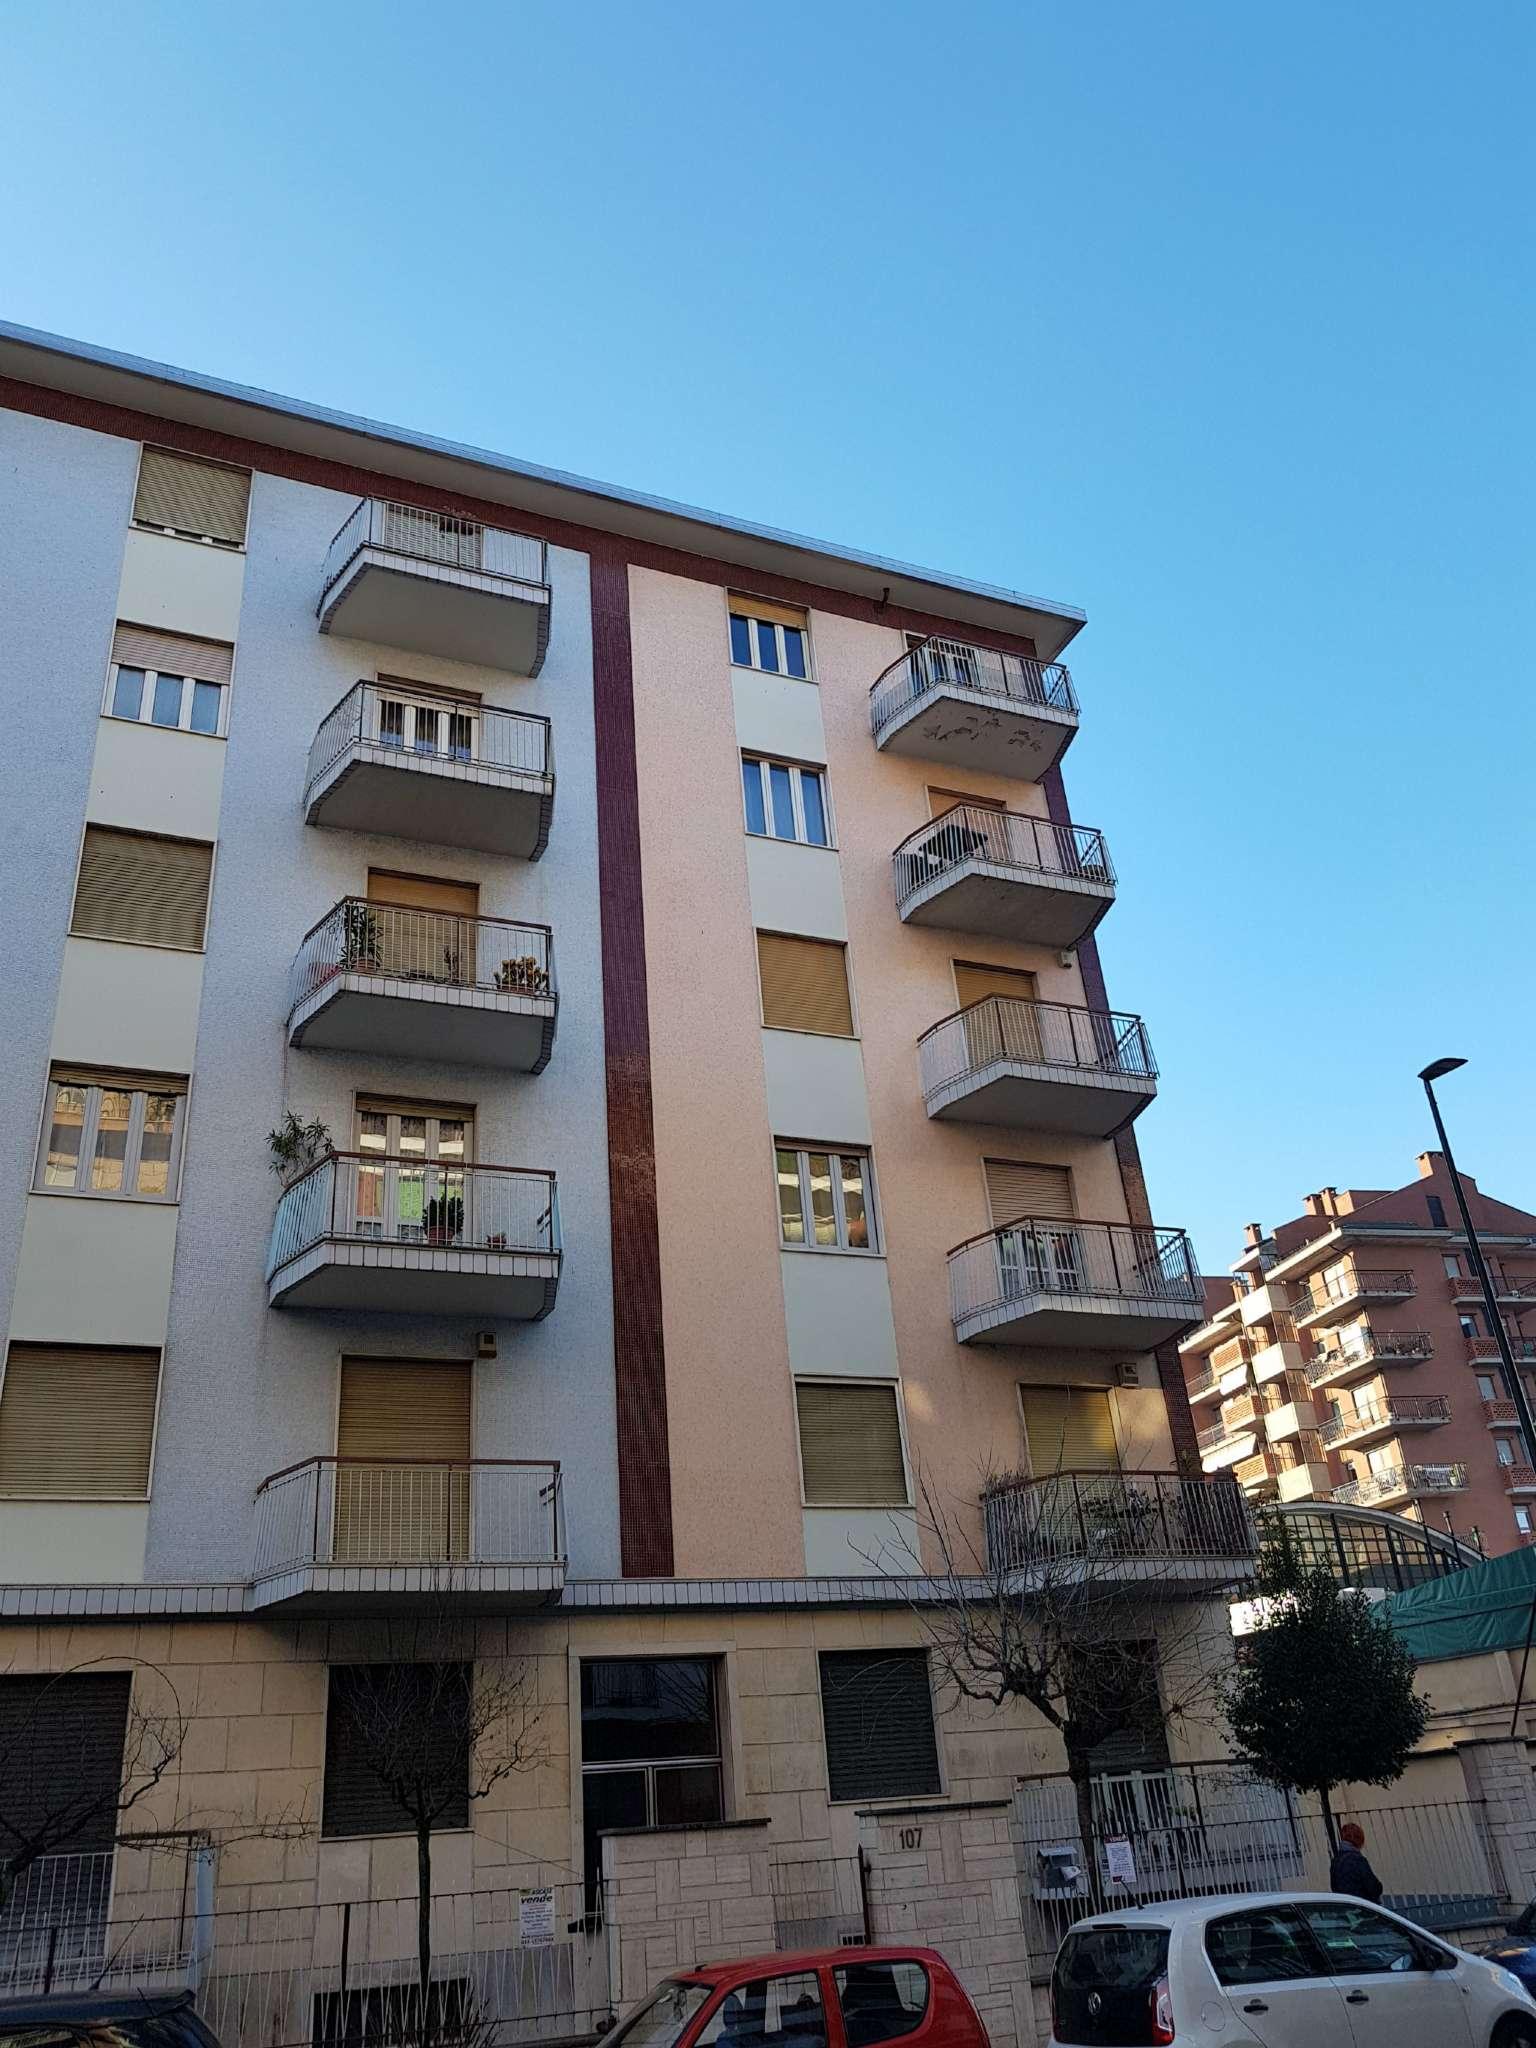 Vendita - Appartamento - Torino - TRILOCALE LUYMINOSISSIMO ULTIMO PIANO CON ASCENSORE RISTRUTTURATO